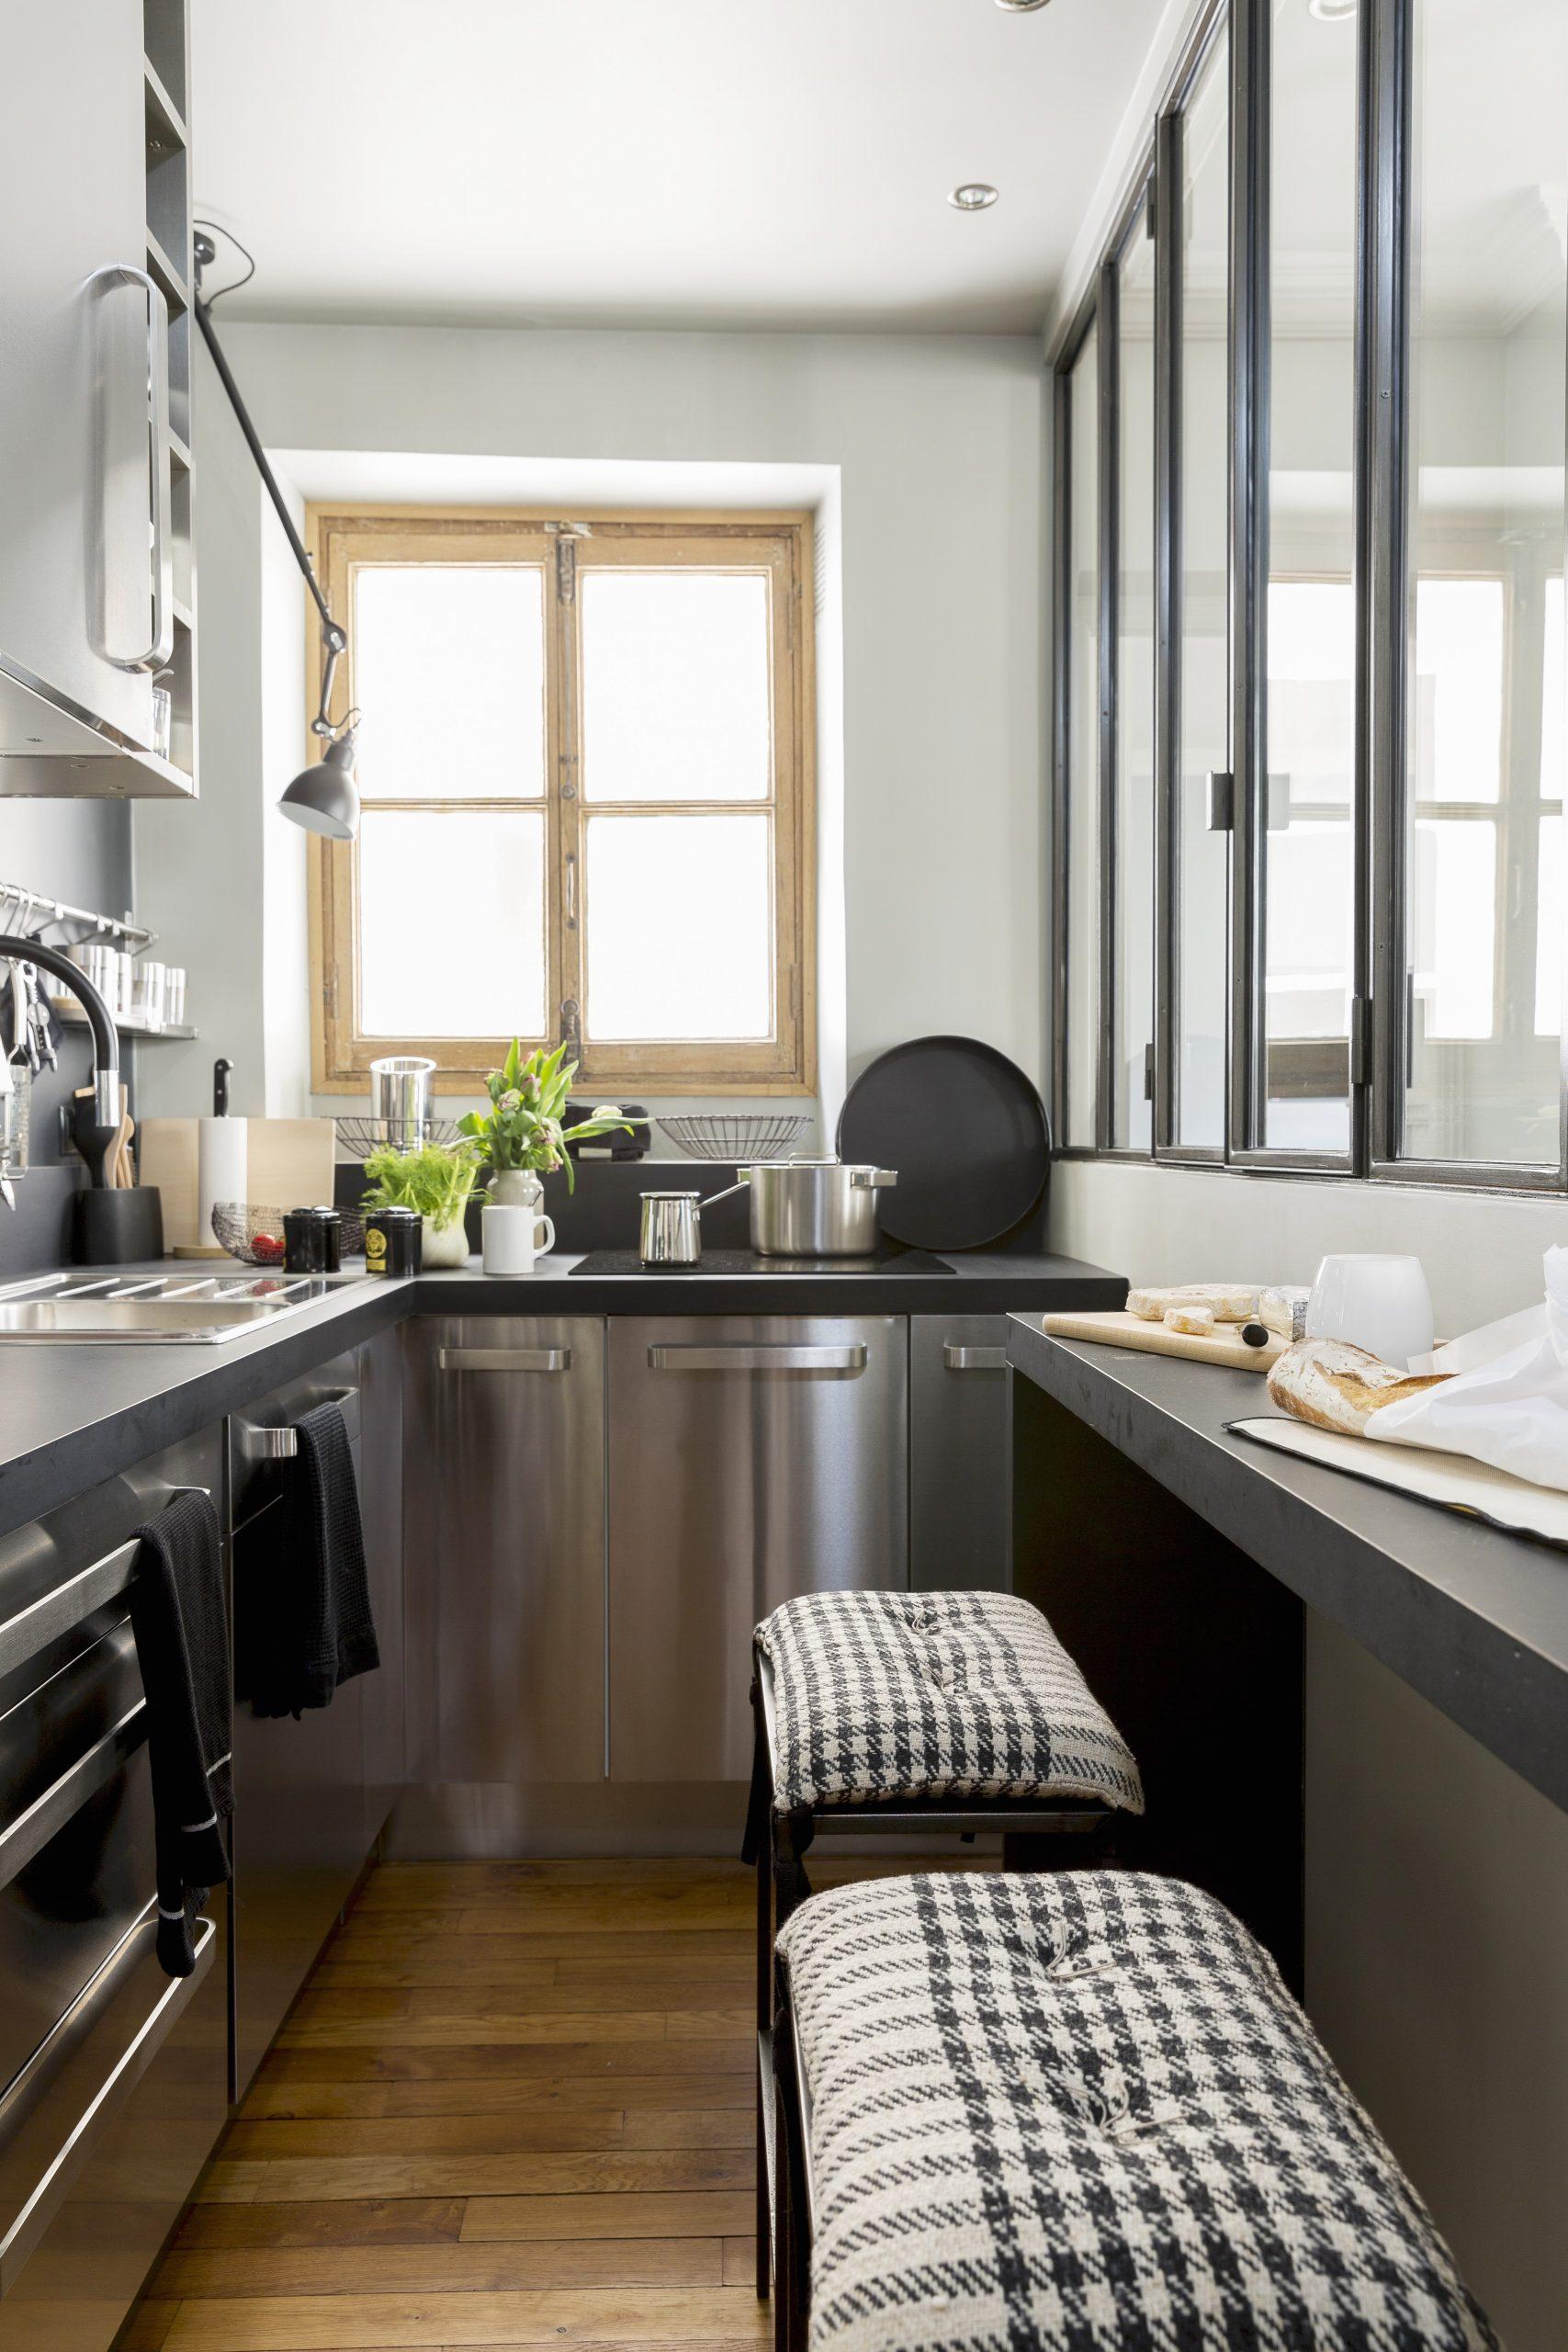 Full Size of Schmale Küche Mit Edelstahlfronten Und Barhockern Küche Küche Einrichten